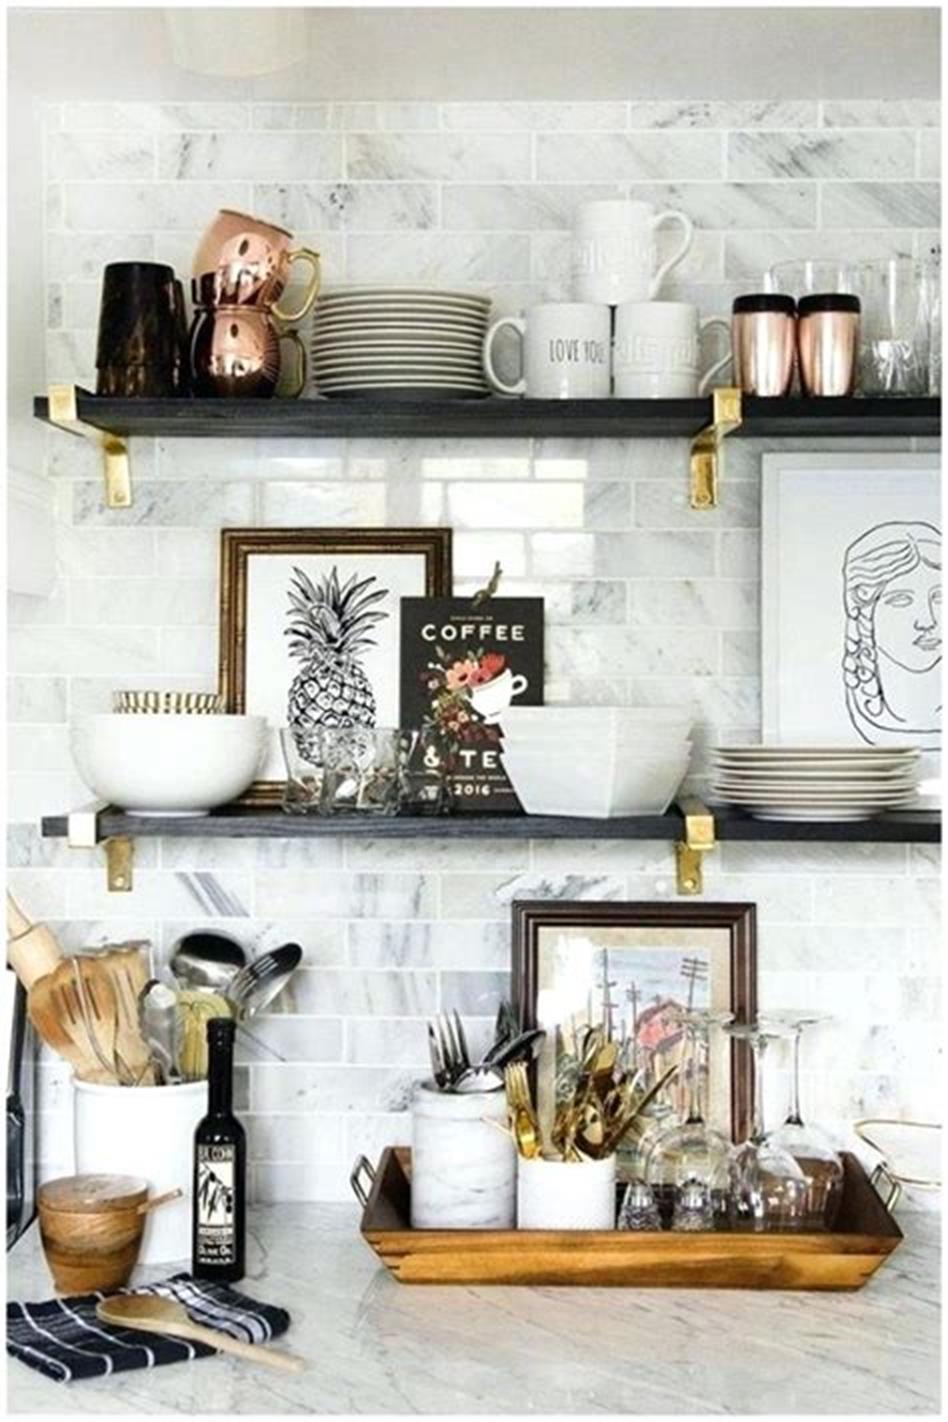 décoration de plateau de cuisine